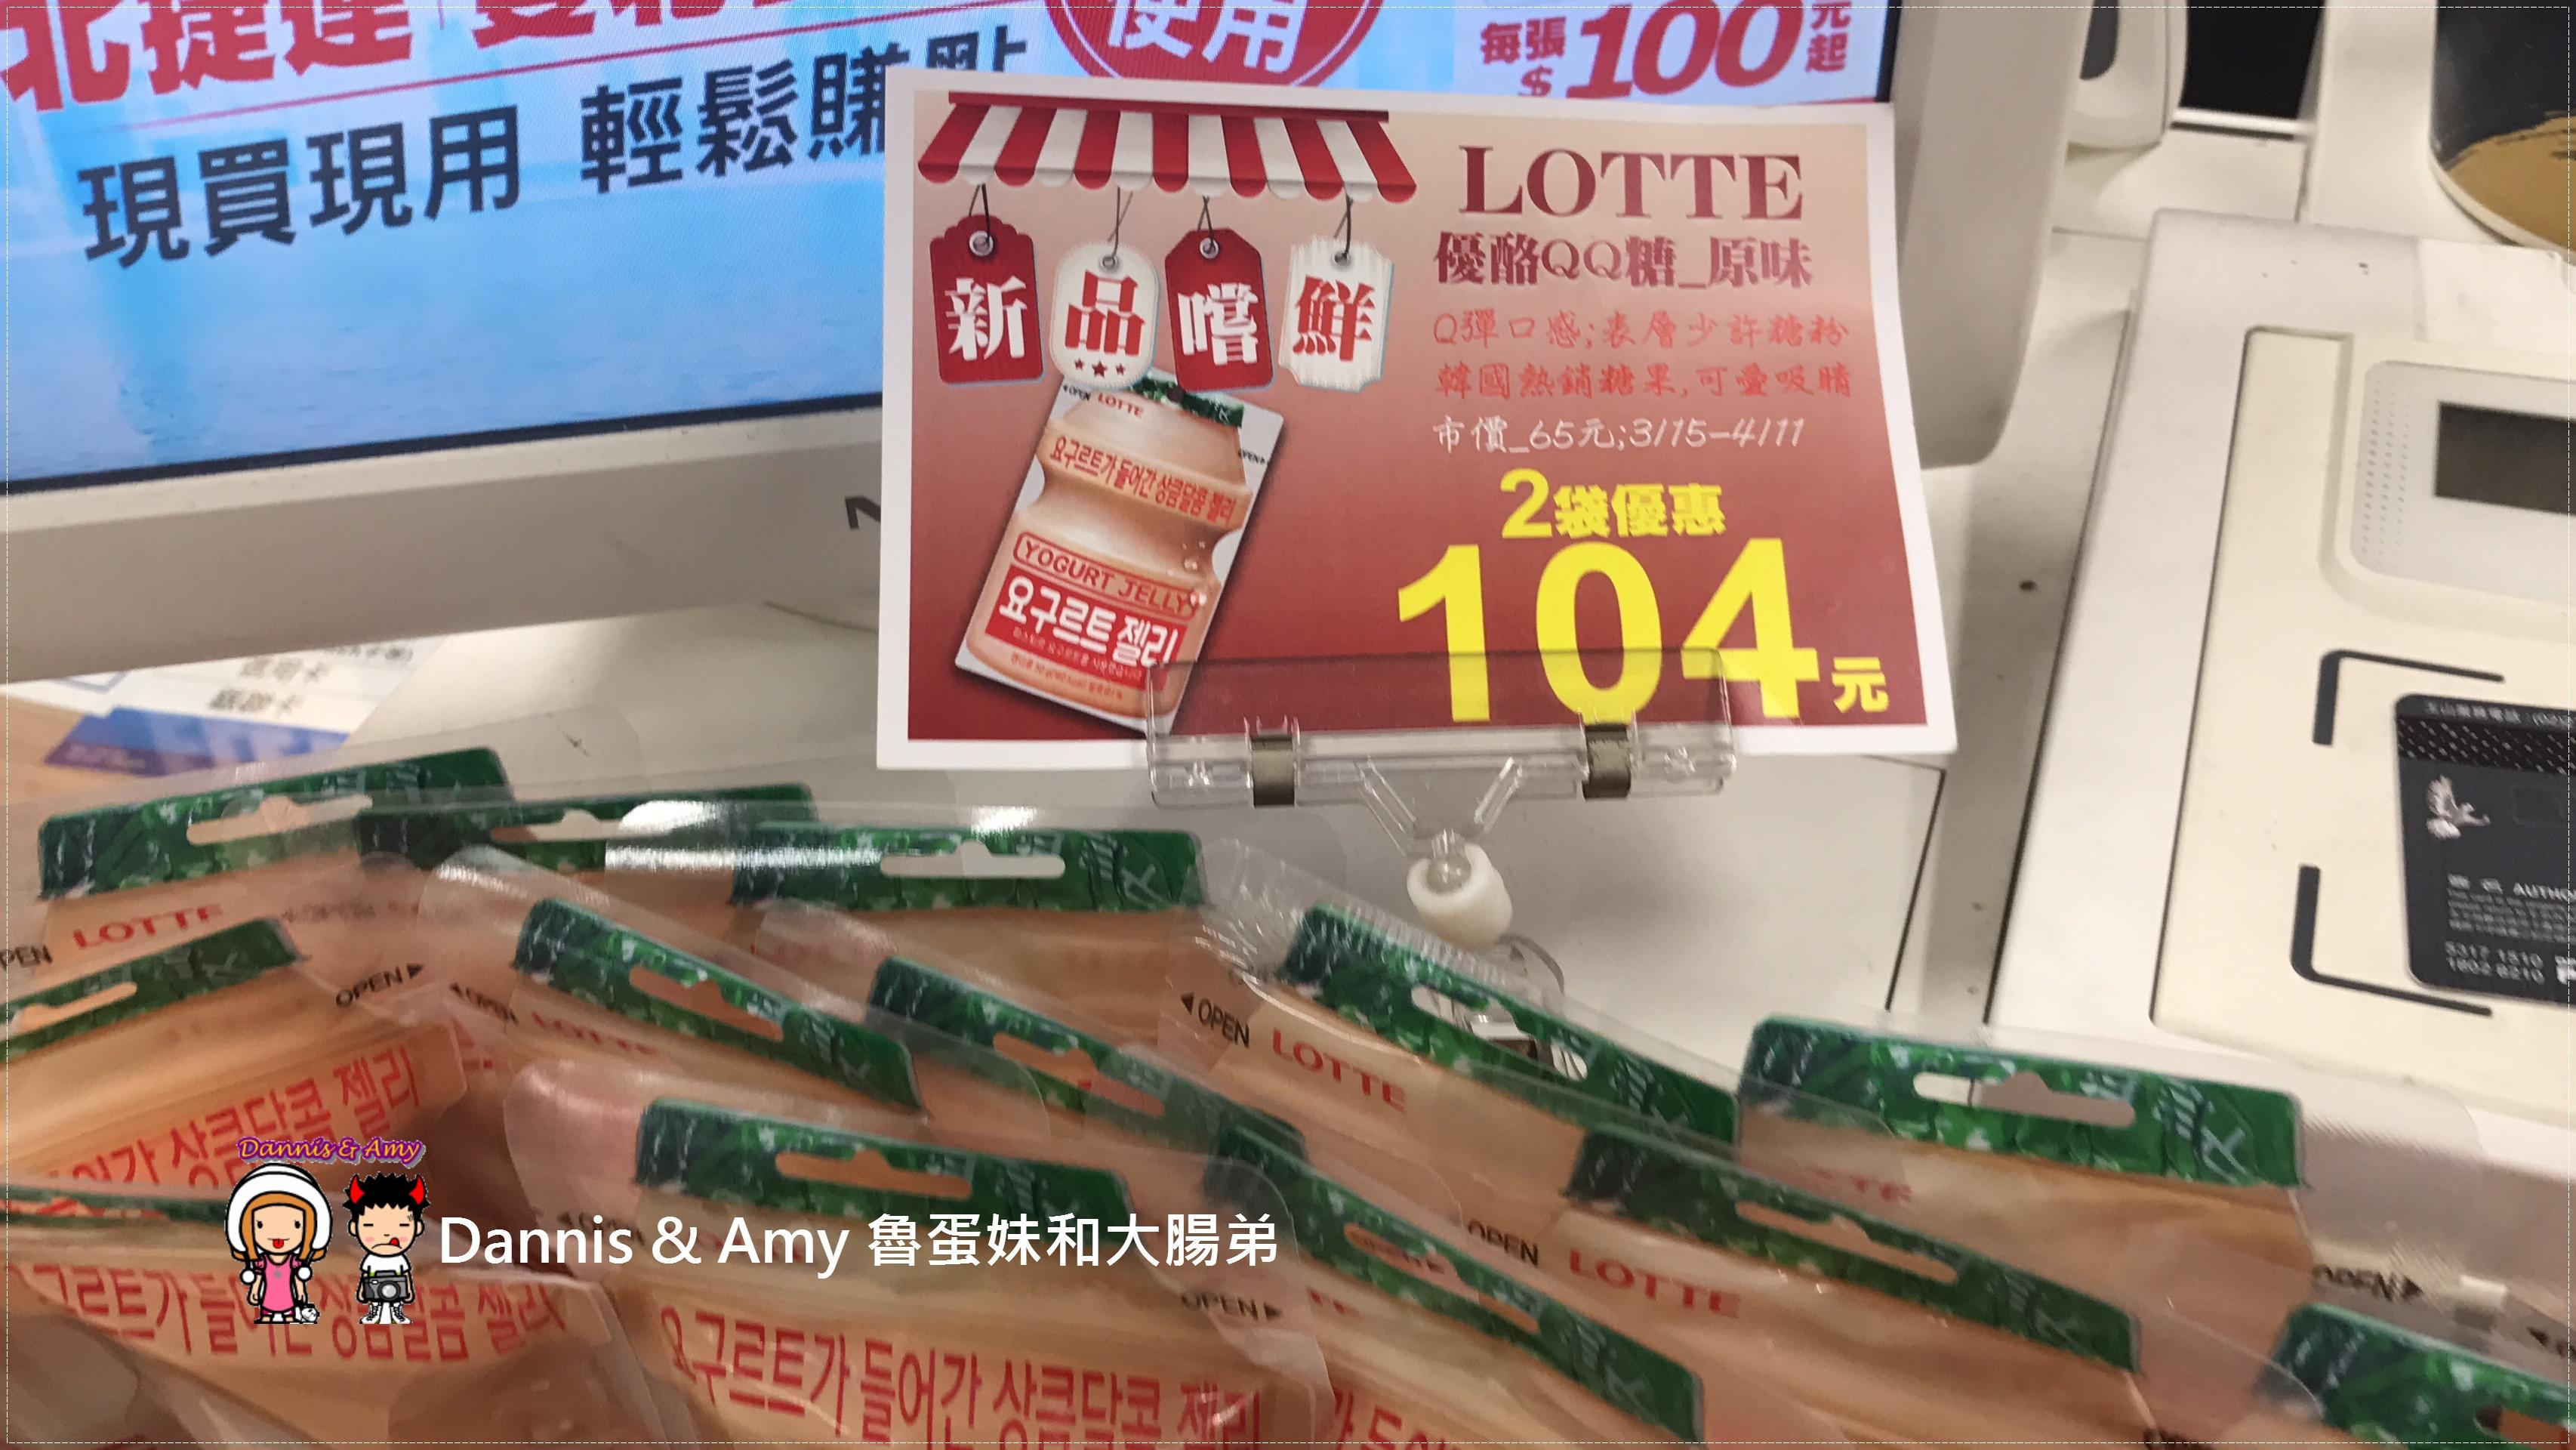 20170331《7-11新品》養樂多系列篇。8元台灣養樂多 PK 韓國韓星愛喝的養樂多軟糖冰沙。養樂多軟糖。養樂多洋芋片︱ (廢話很多的開箱影片) (11).JPG